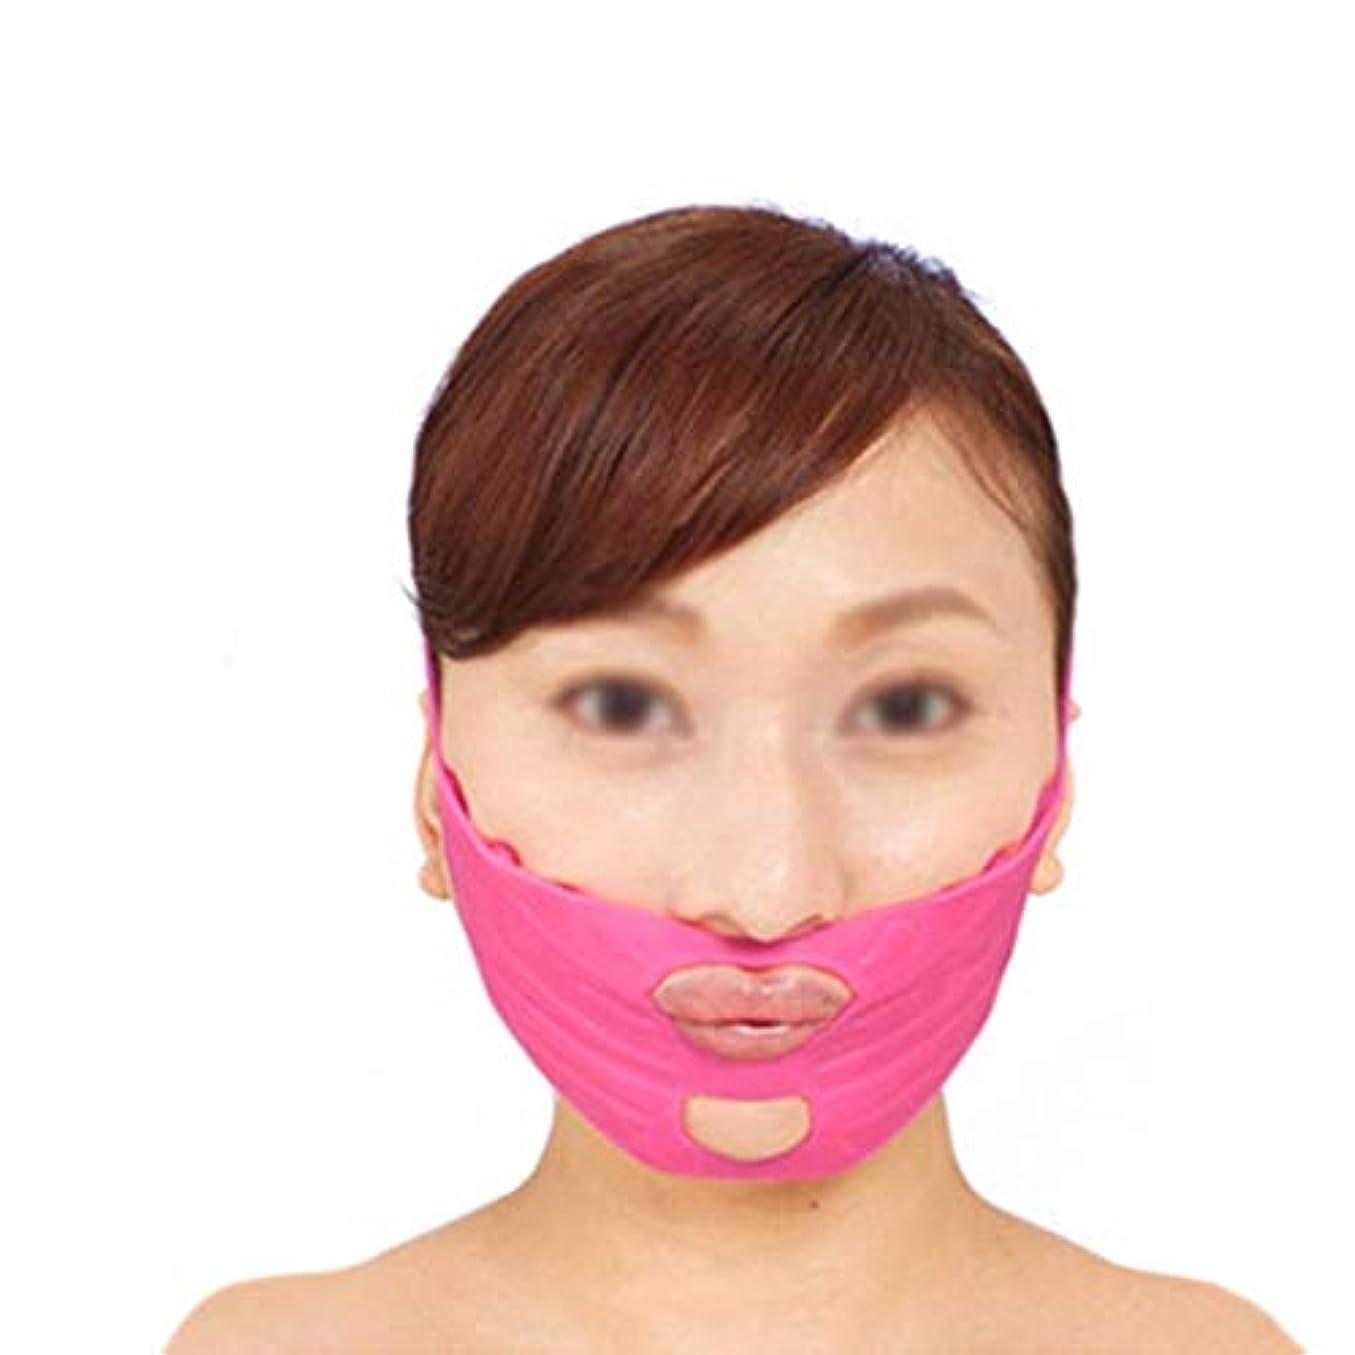 麺一晩長いですフェイスストラップ付きマスク、プルアップフェイスマスク、フェイスリフティングマスク、フェイスタイトニングバンデージ、フェイシャルリフティングバンデージ、ダブルチンを減らすためのリフティングフェイスバンド(ピンク、ワンサイズ)